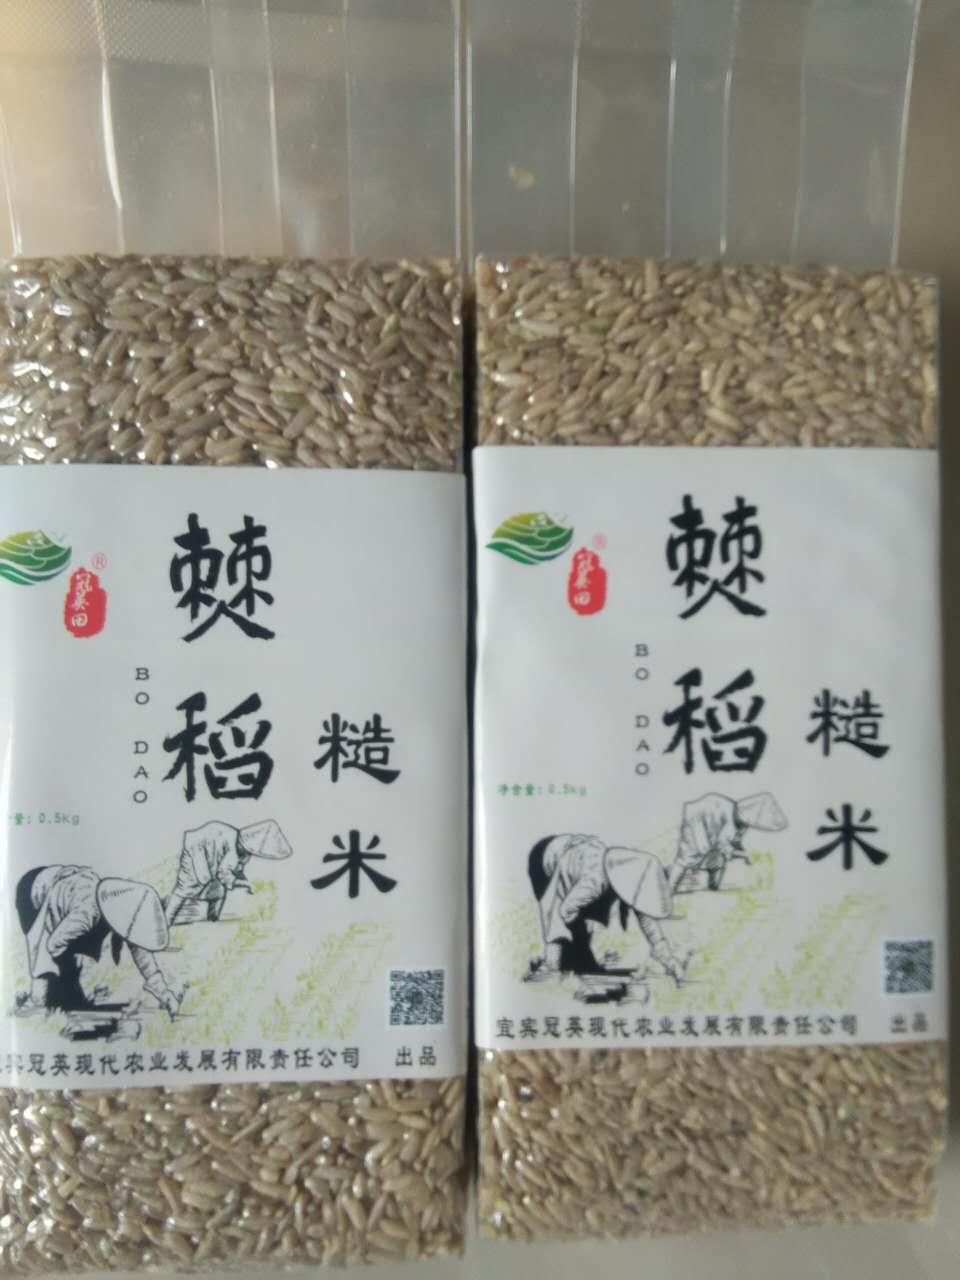 0.5KG的僰稻富硒糙米